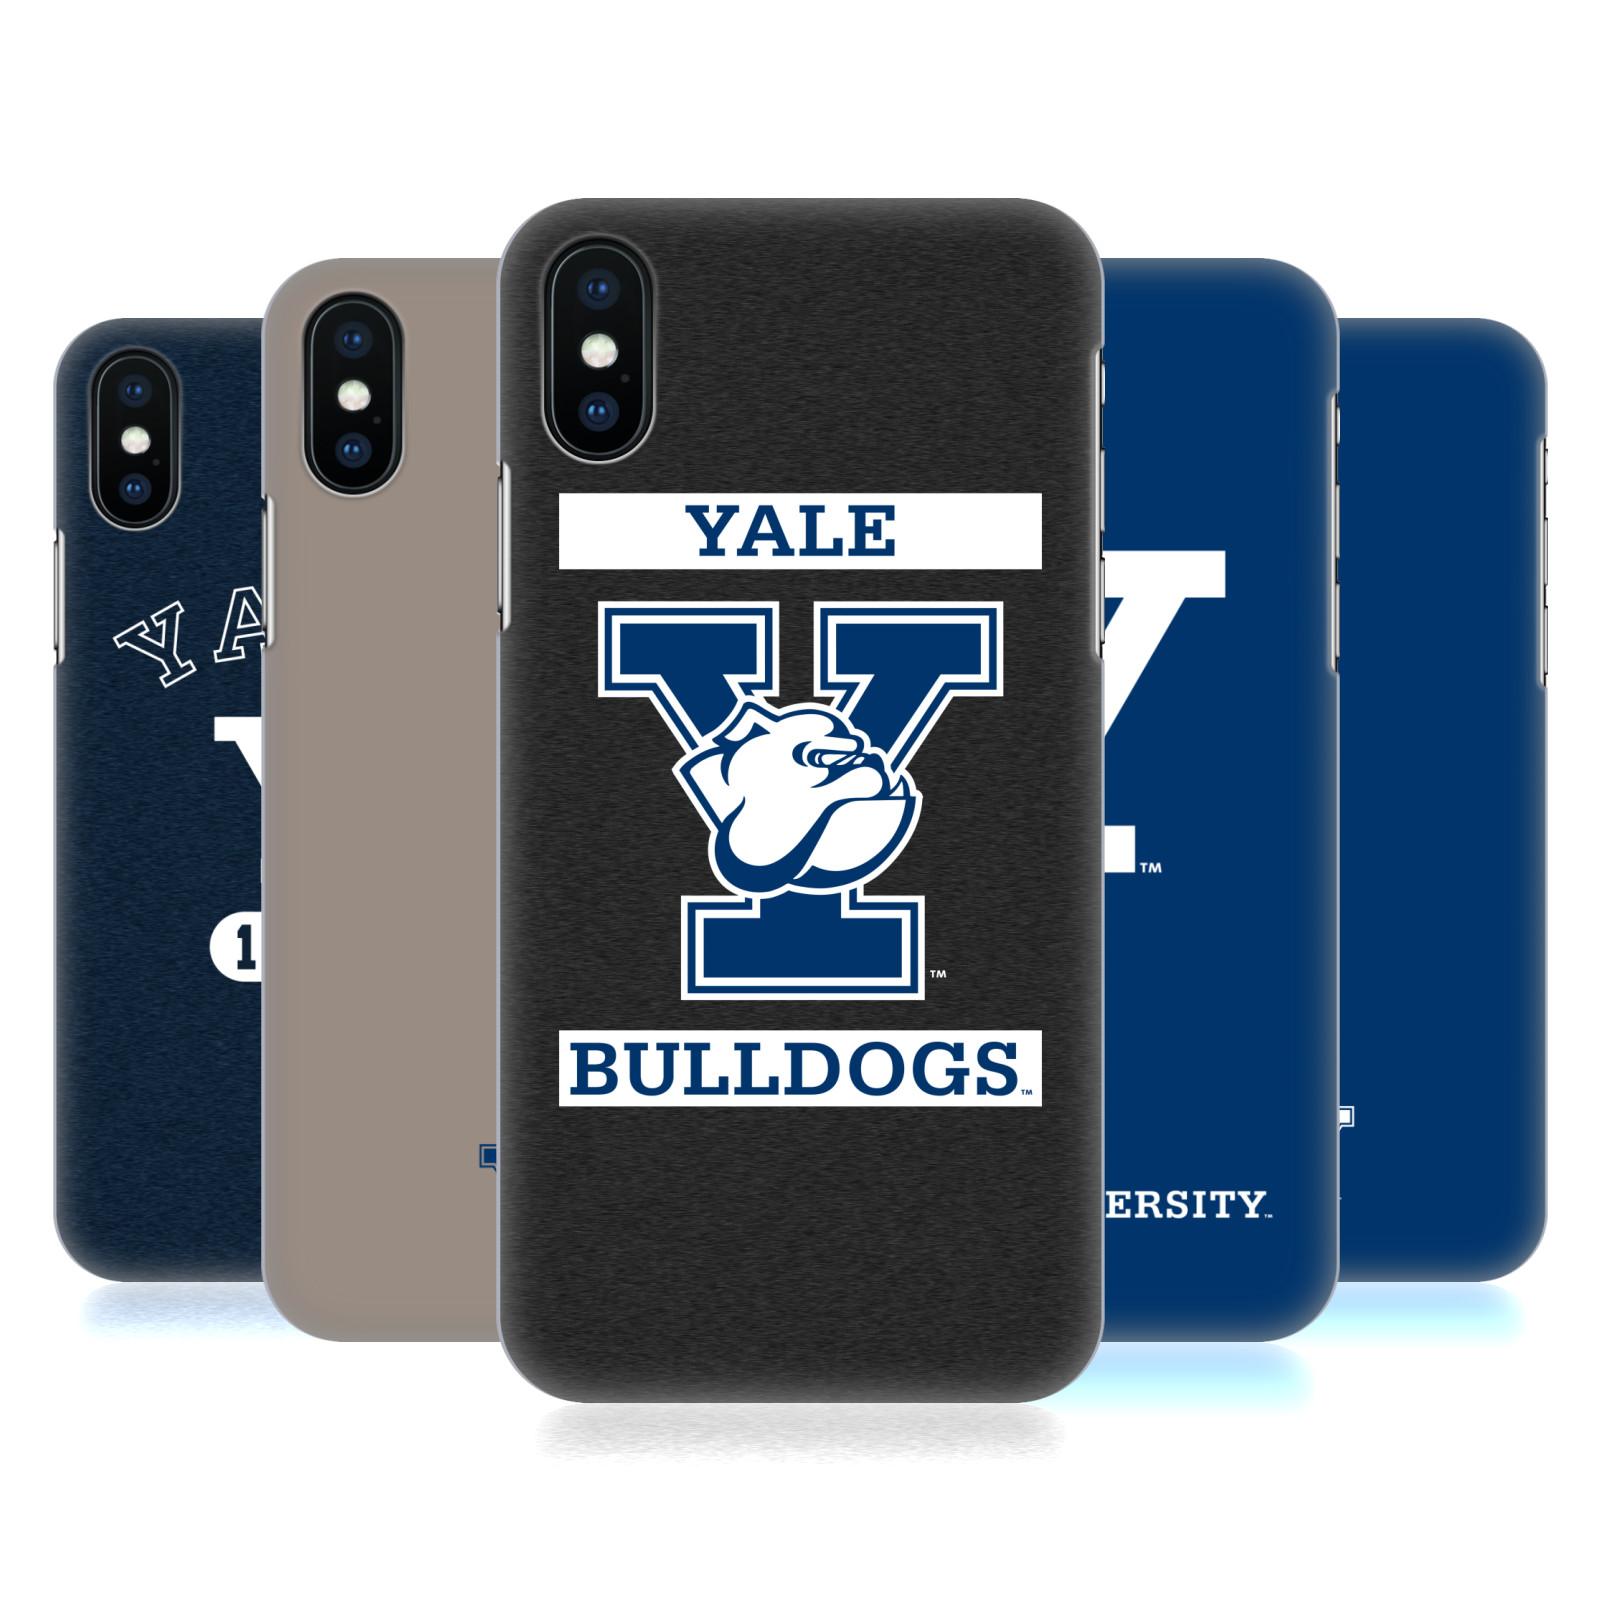 Yale University 2018/19 Logos